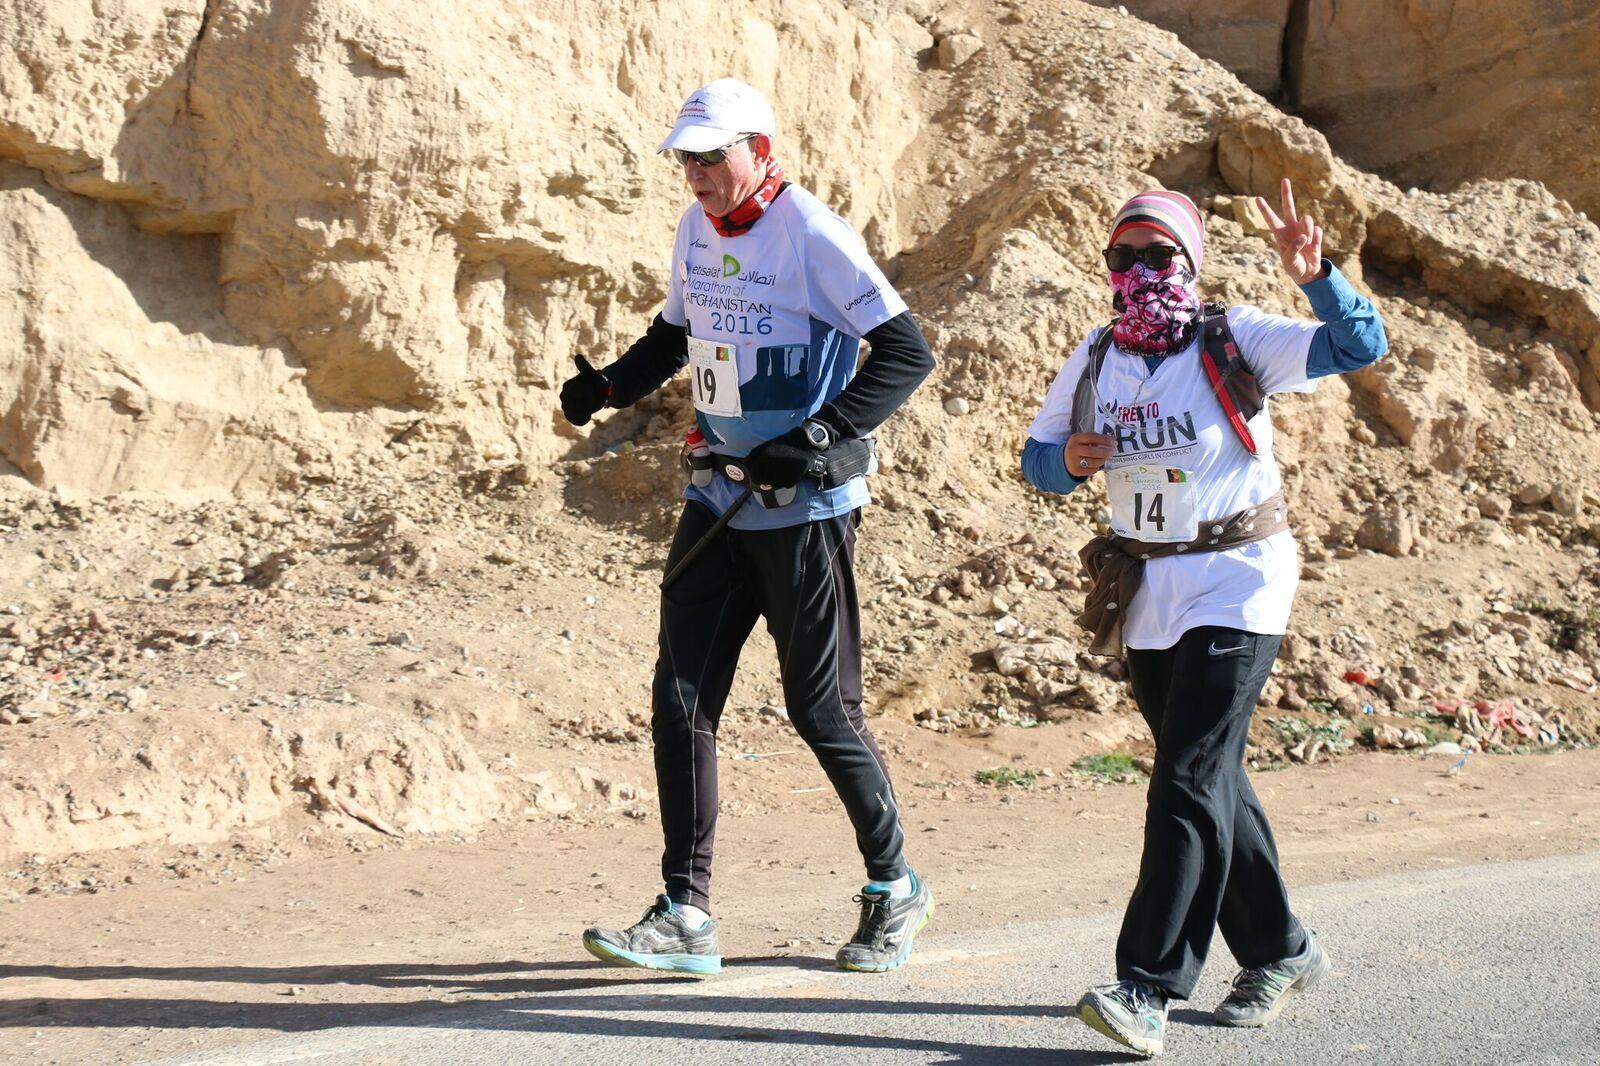 Martin and Kubra heading towards the finish line. Credit: Latif Azim